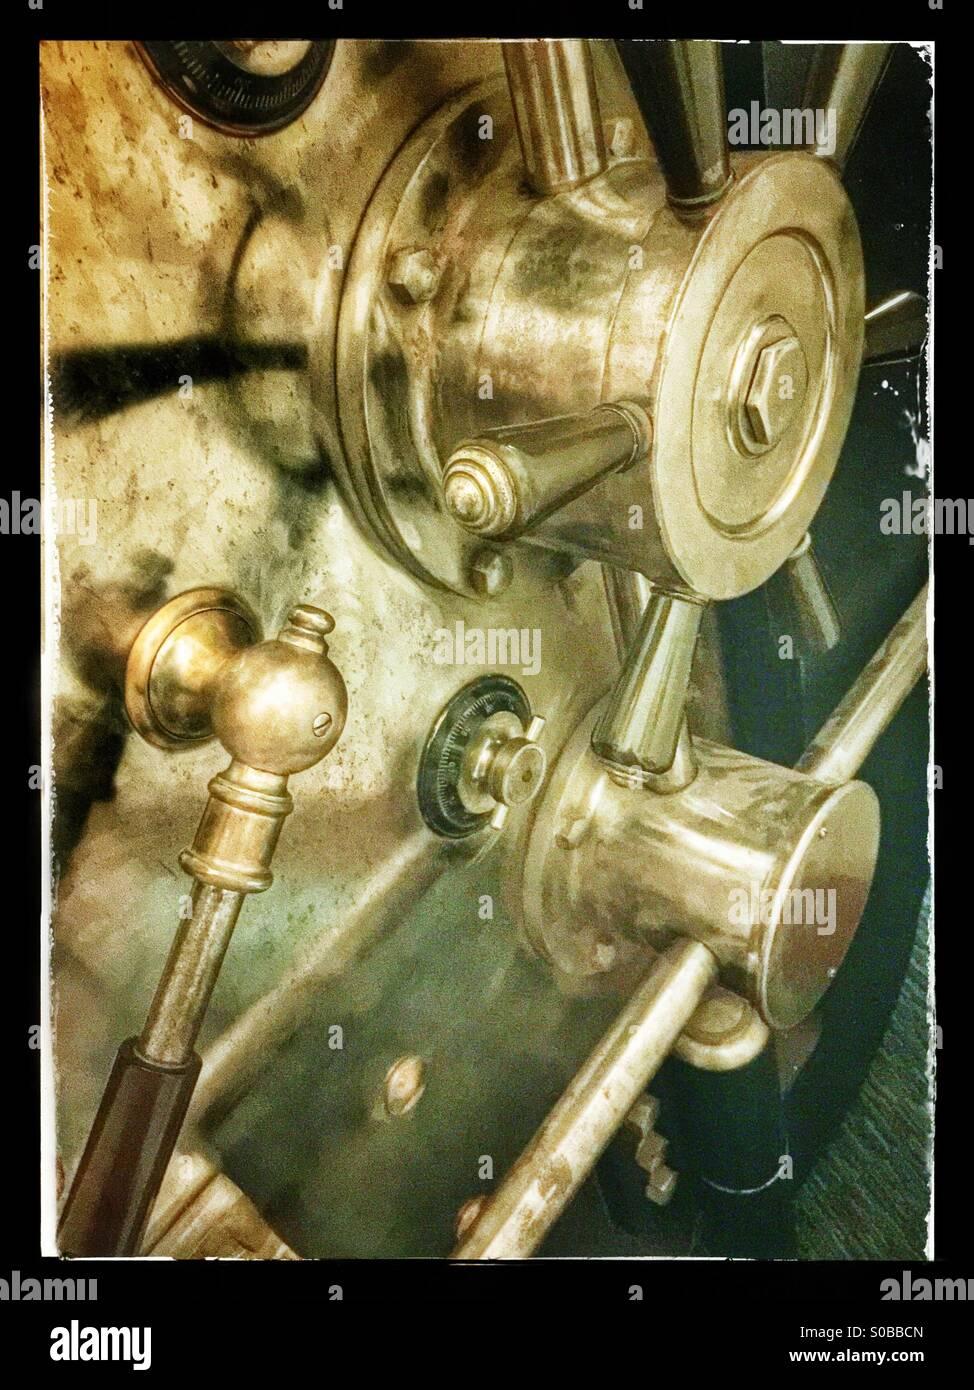 Vault door levers - Stock Image